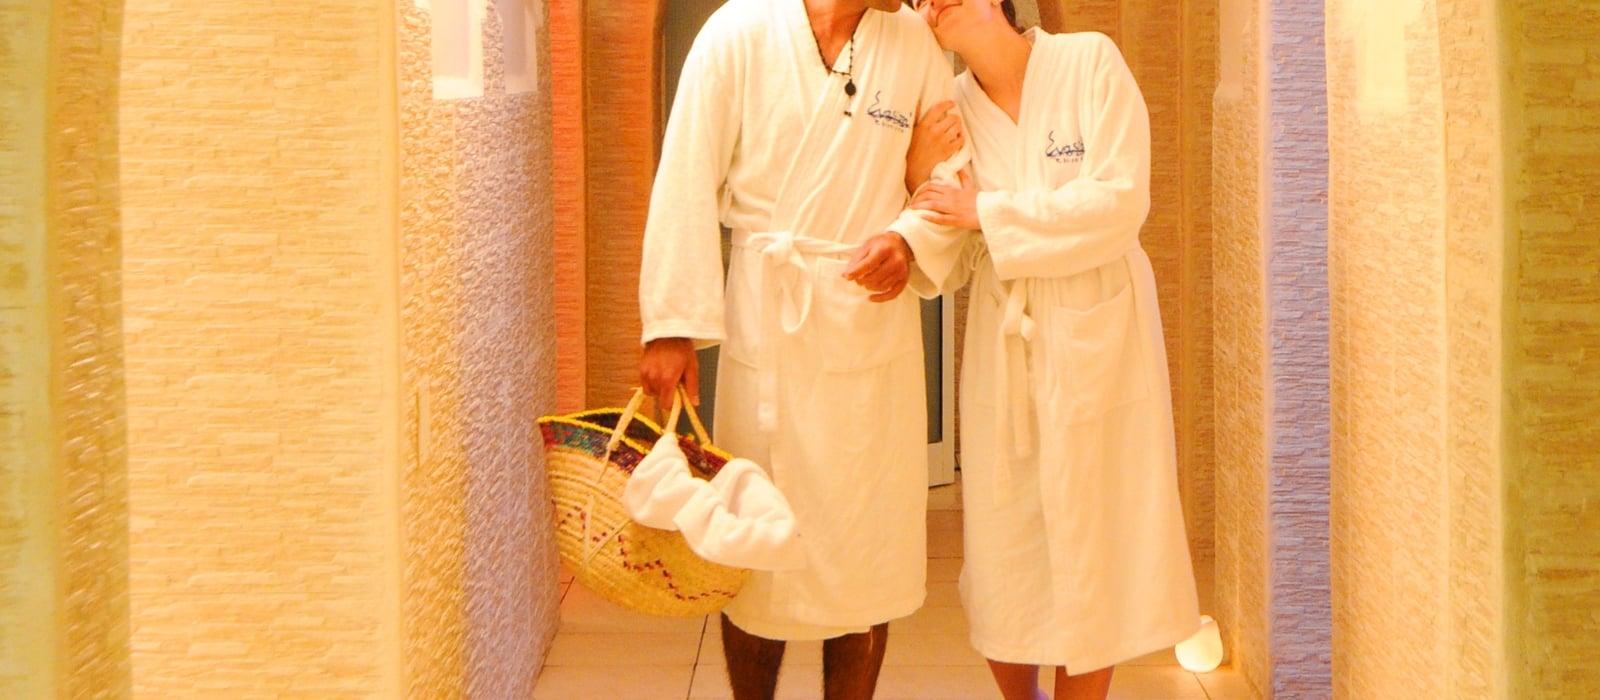 Services Hotel Djerba Resort - Vincci Hotels - Spa